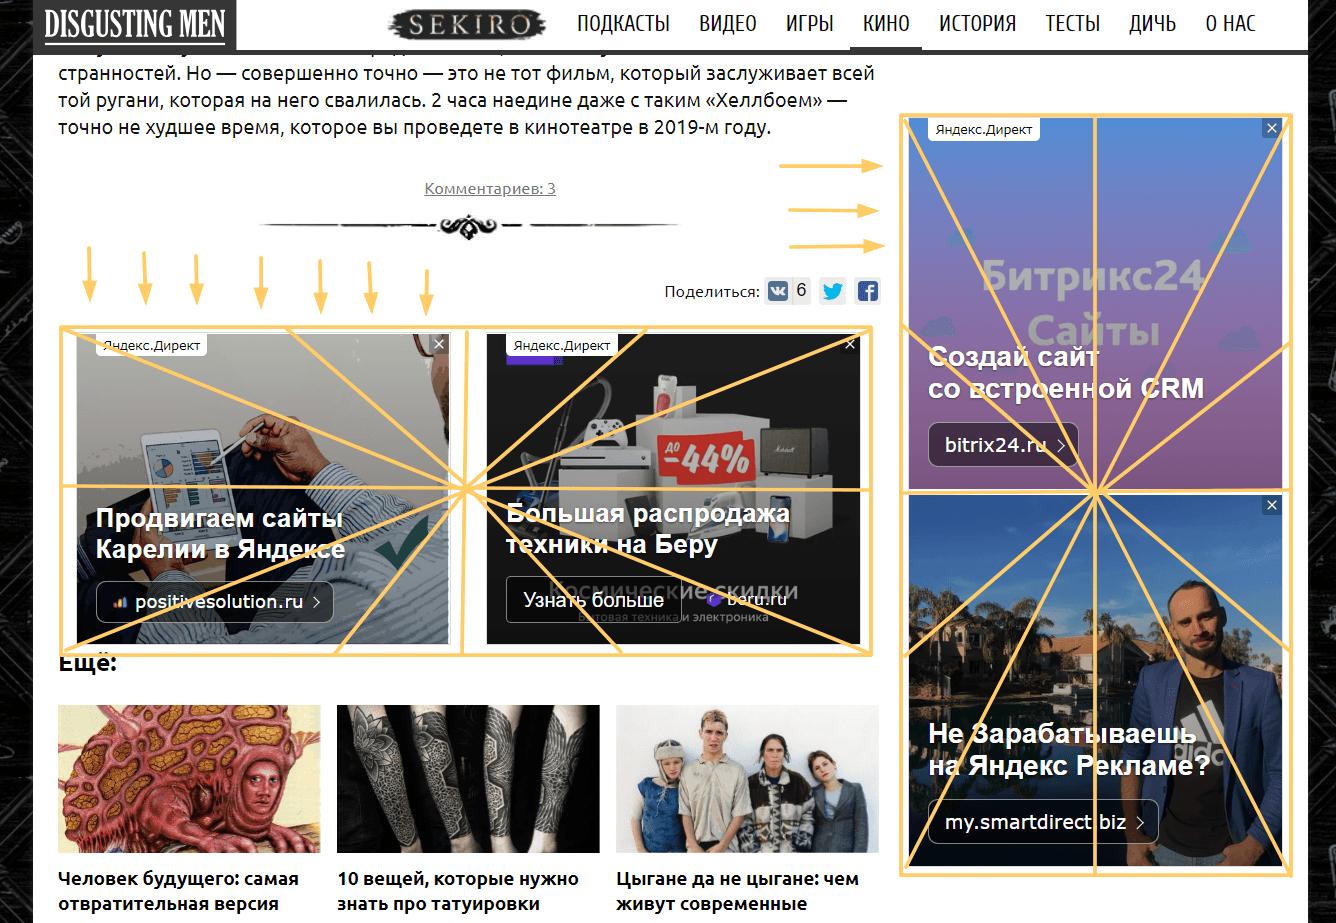 Объявления рекламной сети Яндекса (РСЯ)